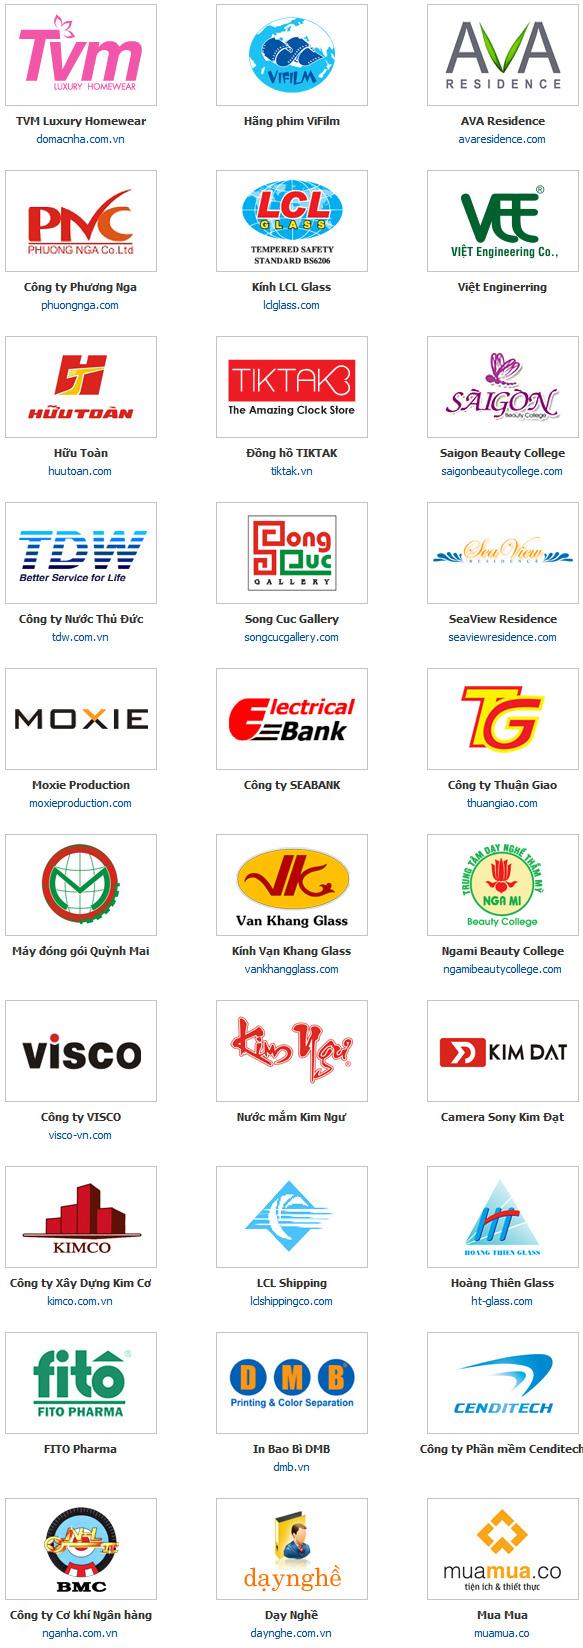 danh sách khách hàng